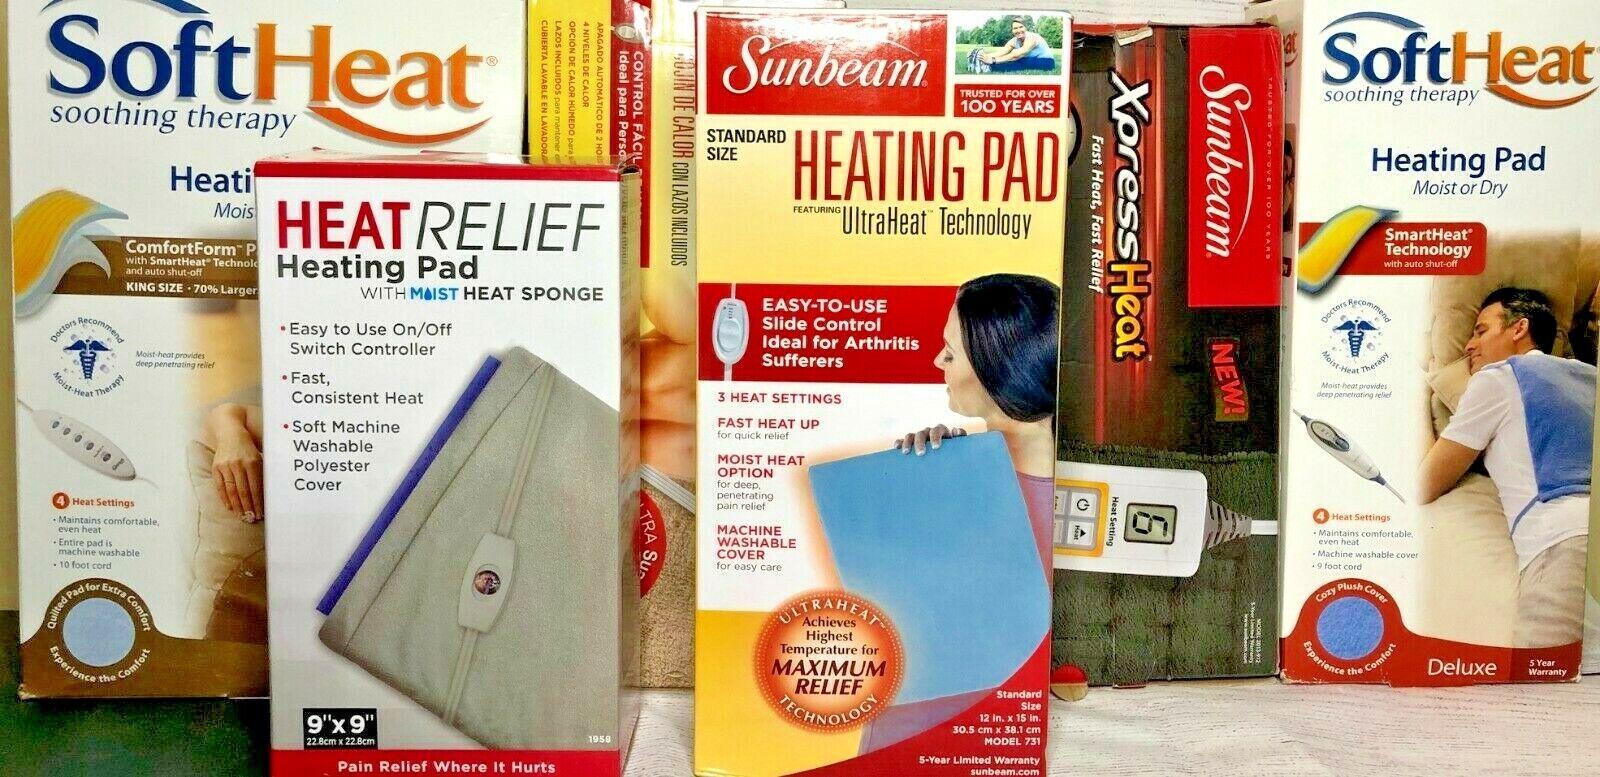 Heating Pad Sunbeam Soft Heat King XL Standard Large Small B